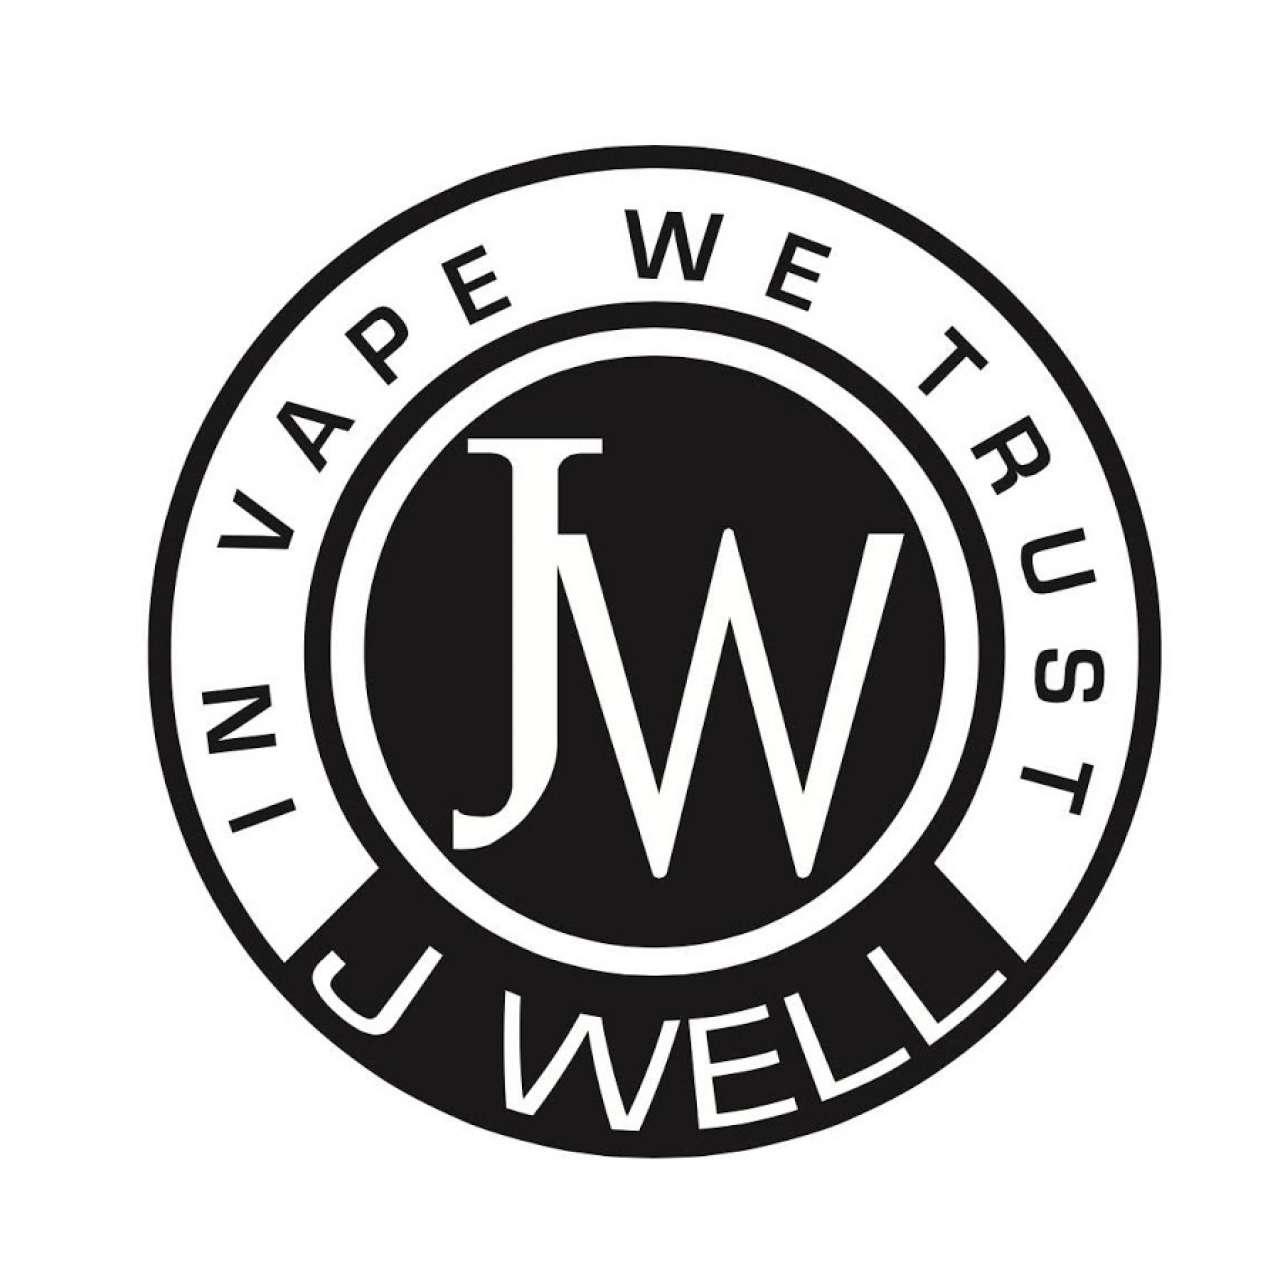 Boutique de vape spécialisée JWELL située à AJACCIO